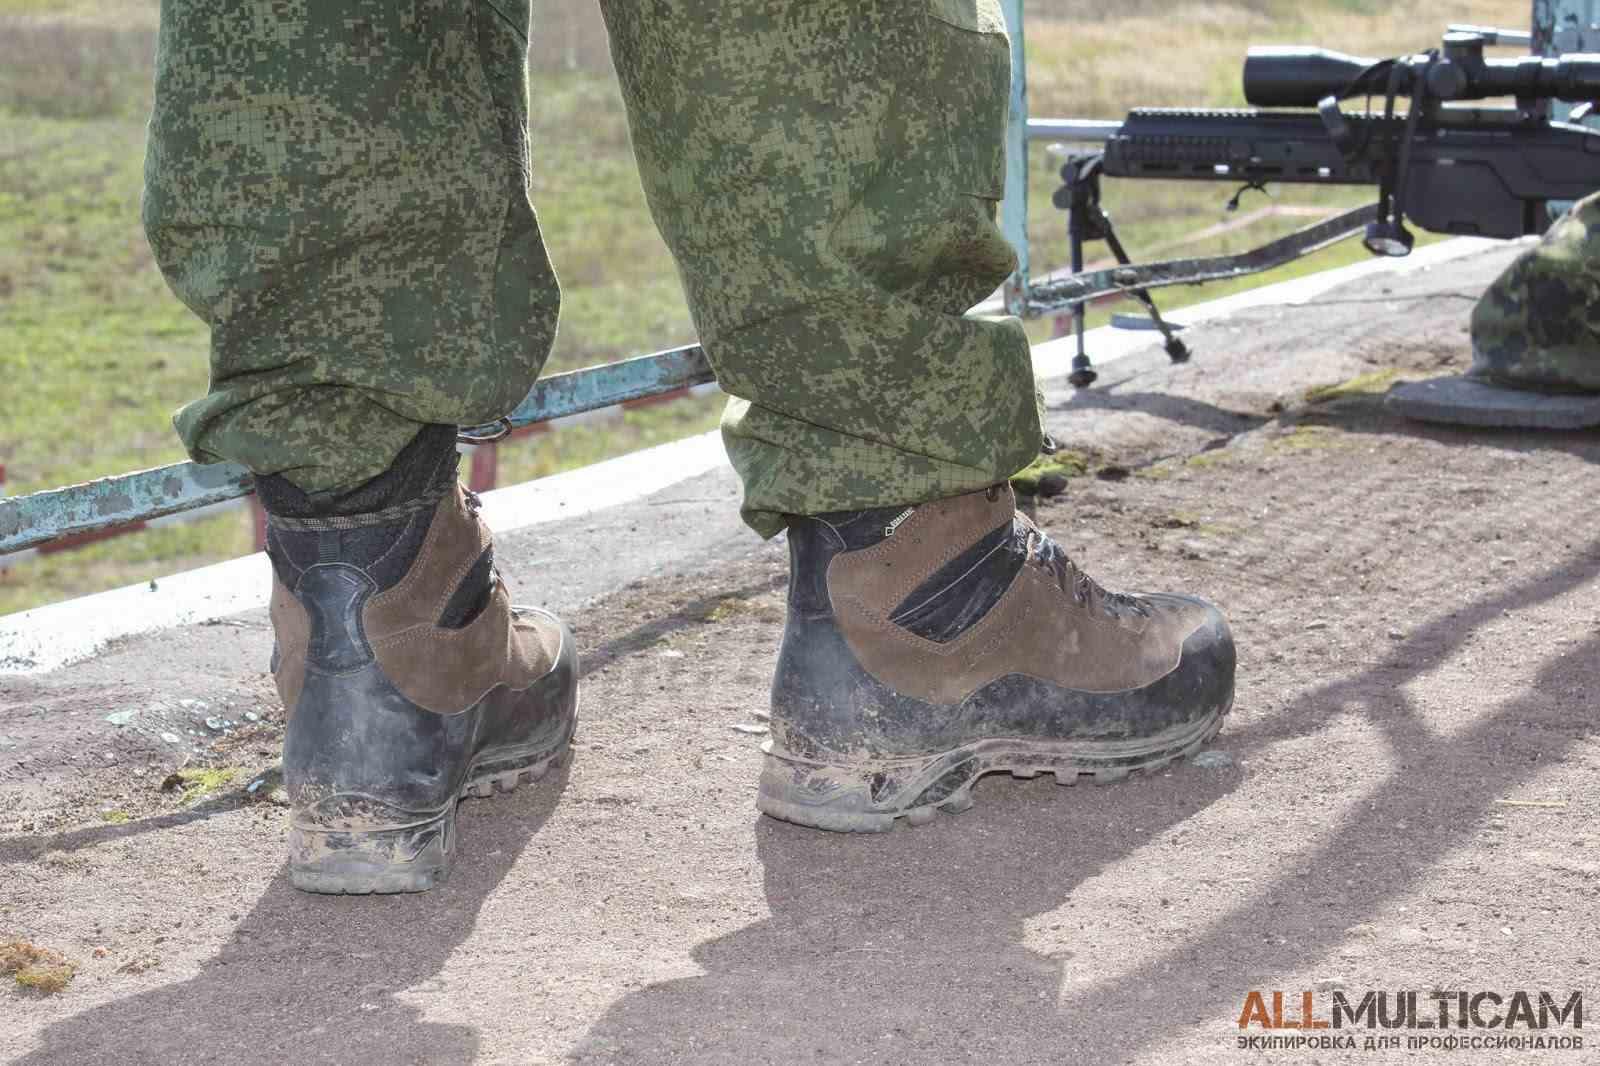 Соревнования СКВС в Солнечногорске 2014